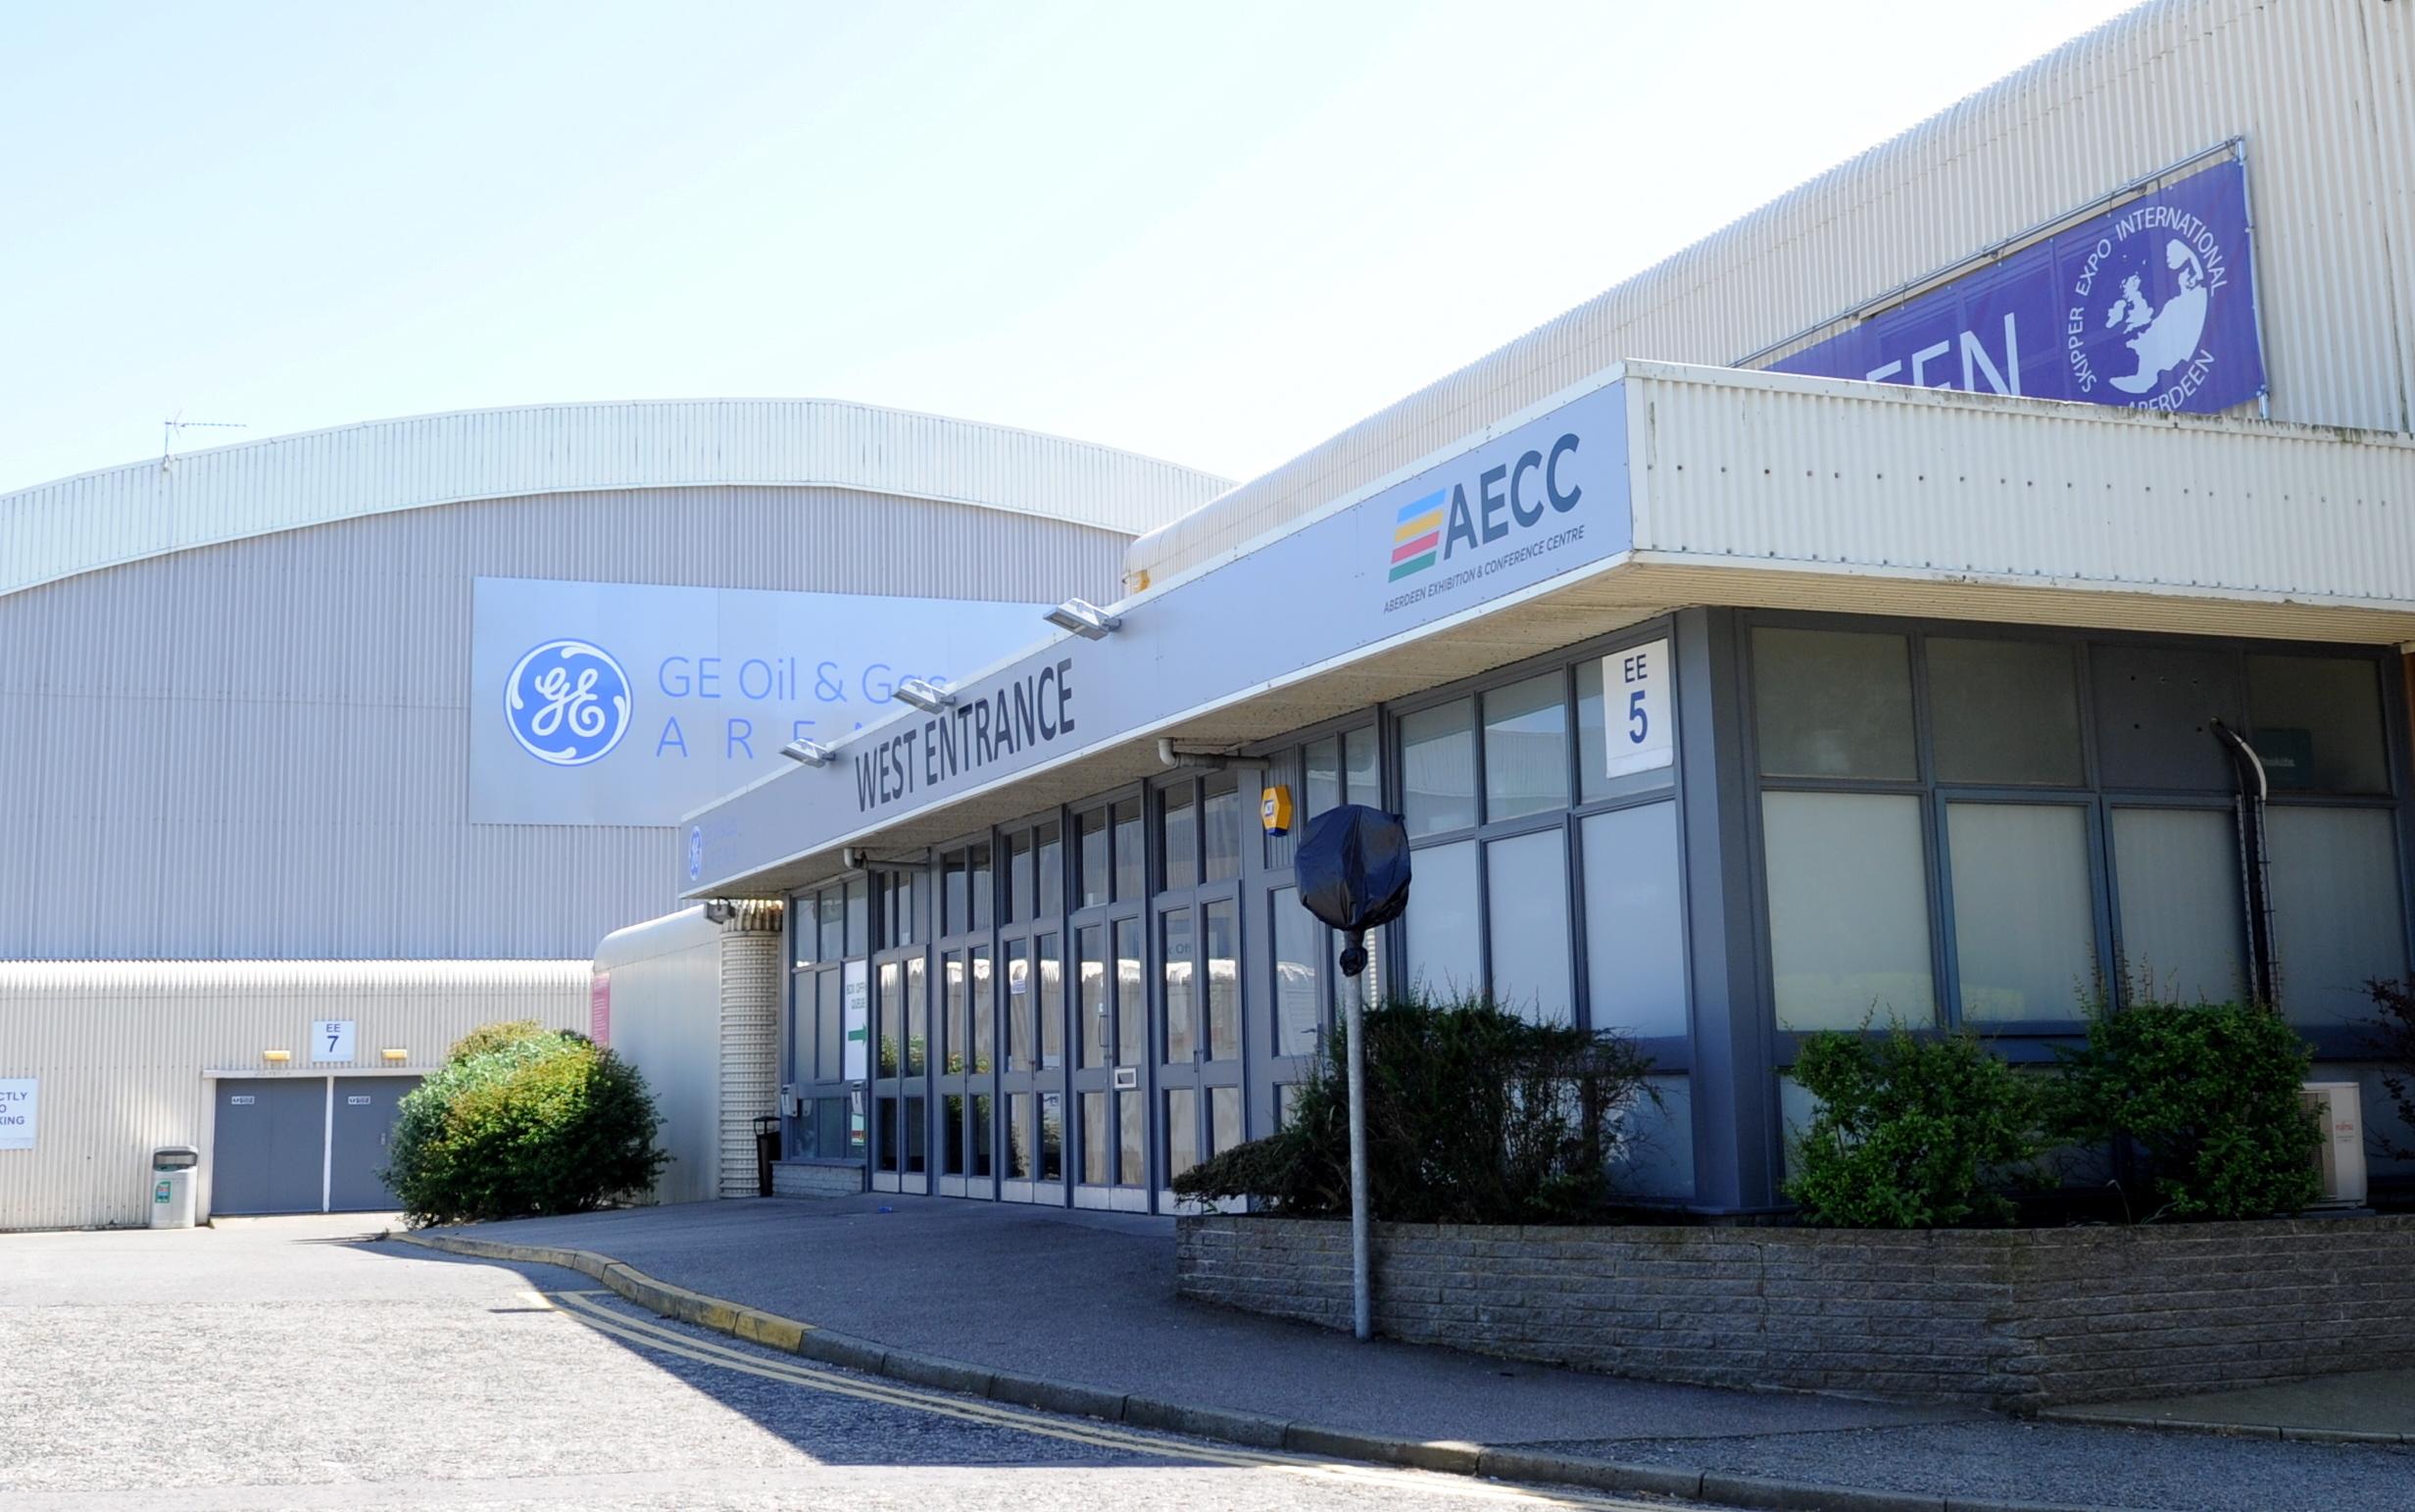 CITY venue: The AECC.